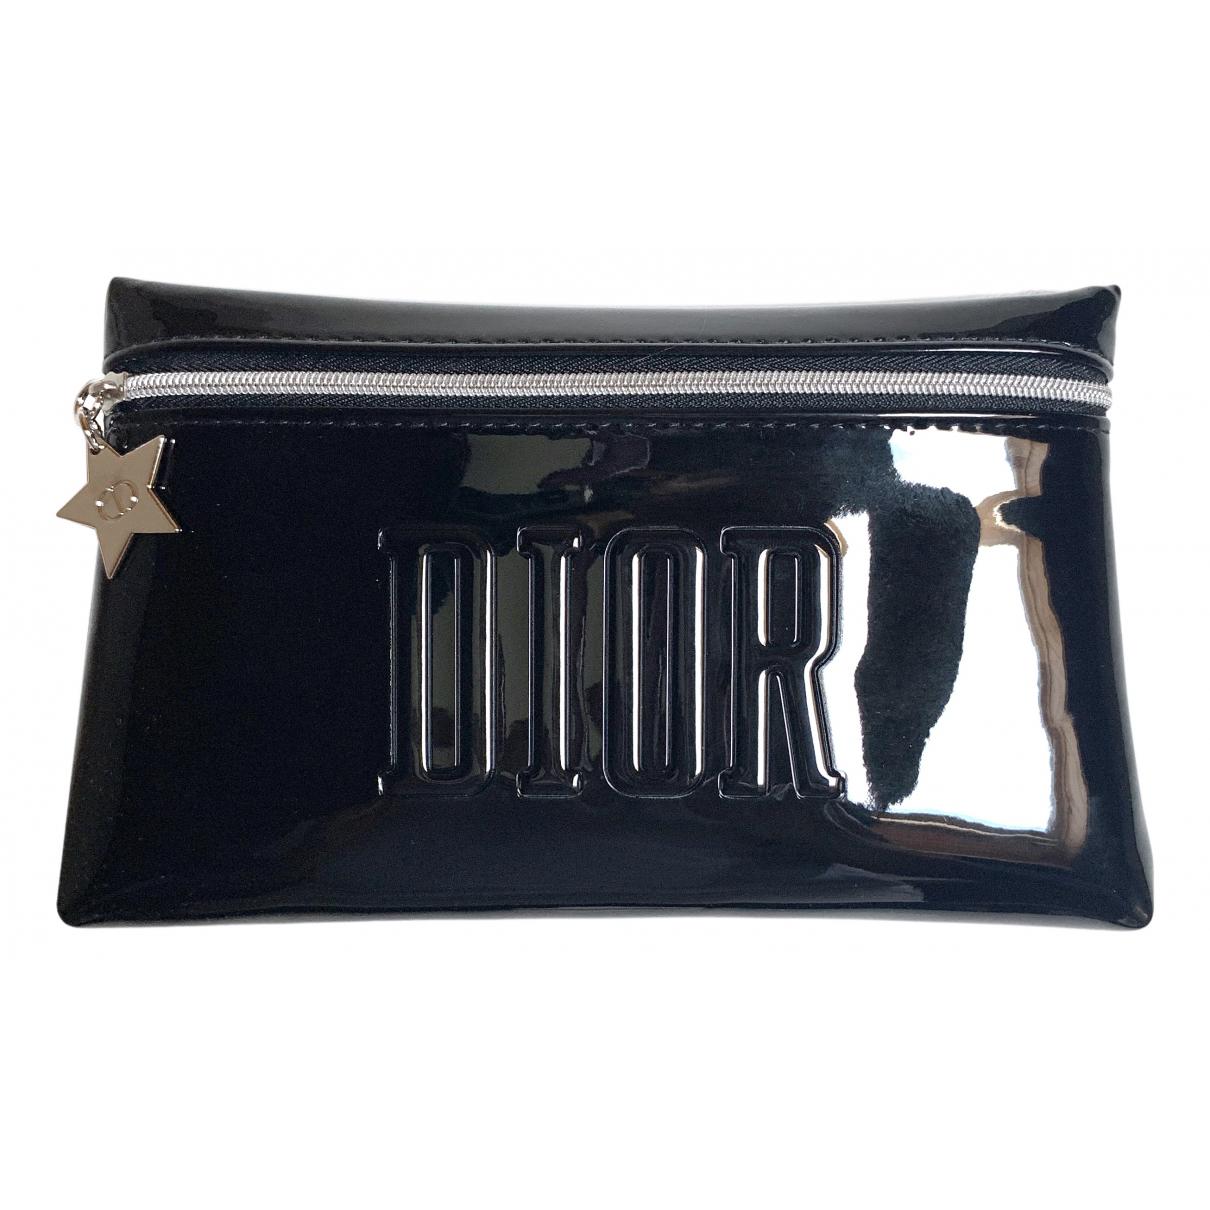 Dior - Sac de voyage   pour femme en cuir verni - noir